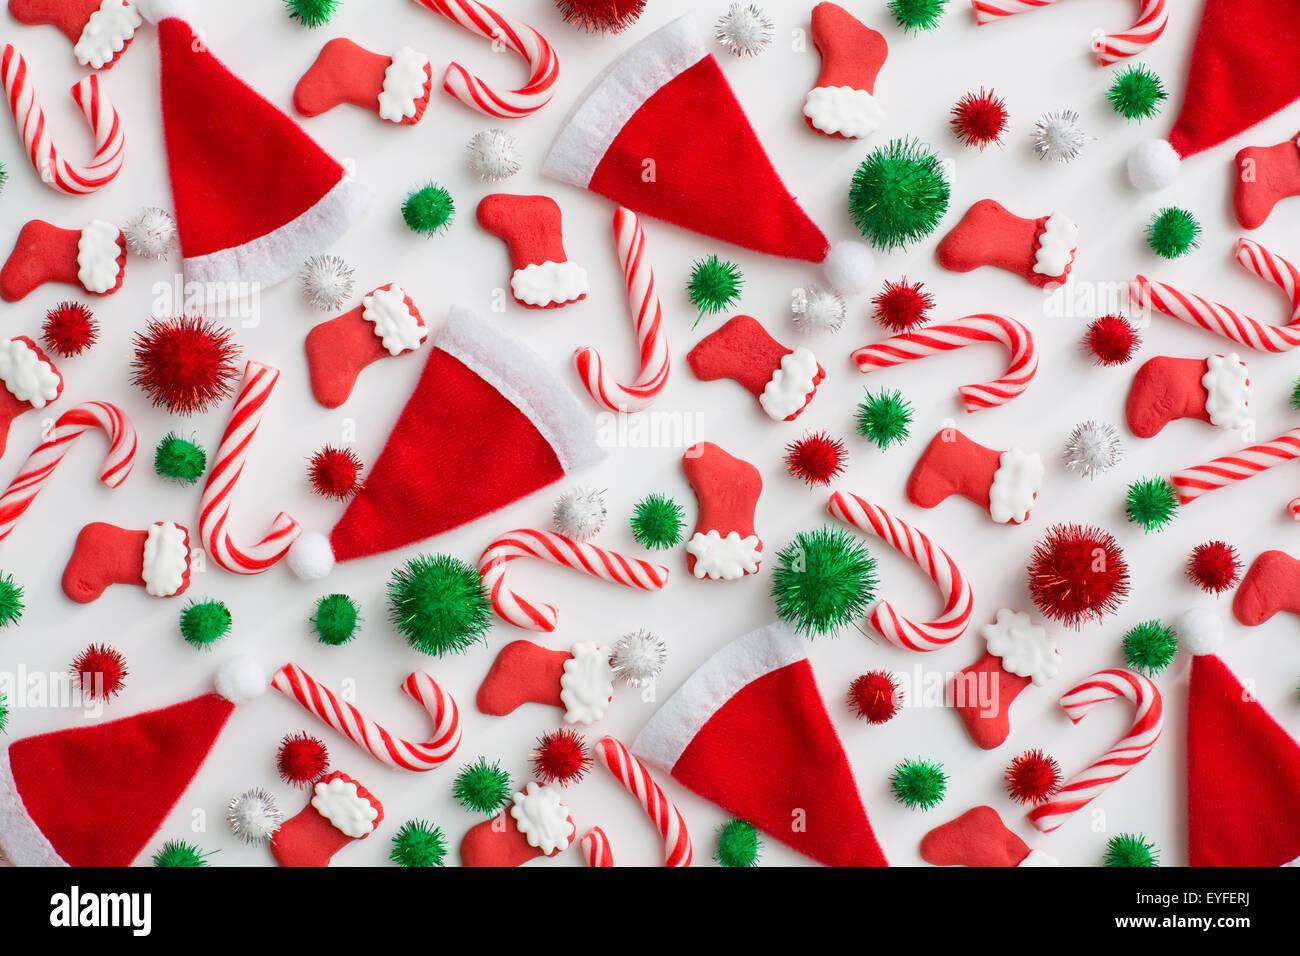 Decorazione di natale di cappelli di Babbo Natale, candy canes e calze di Natale Immagini Stock